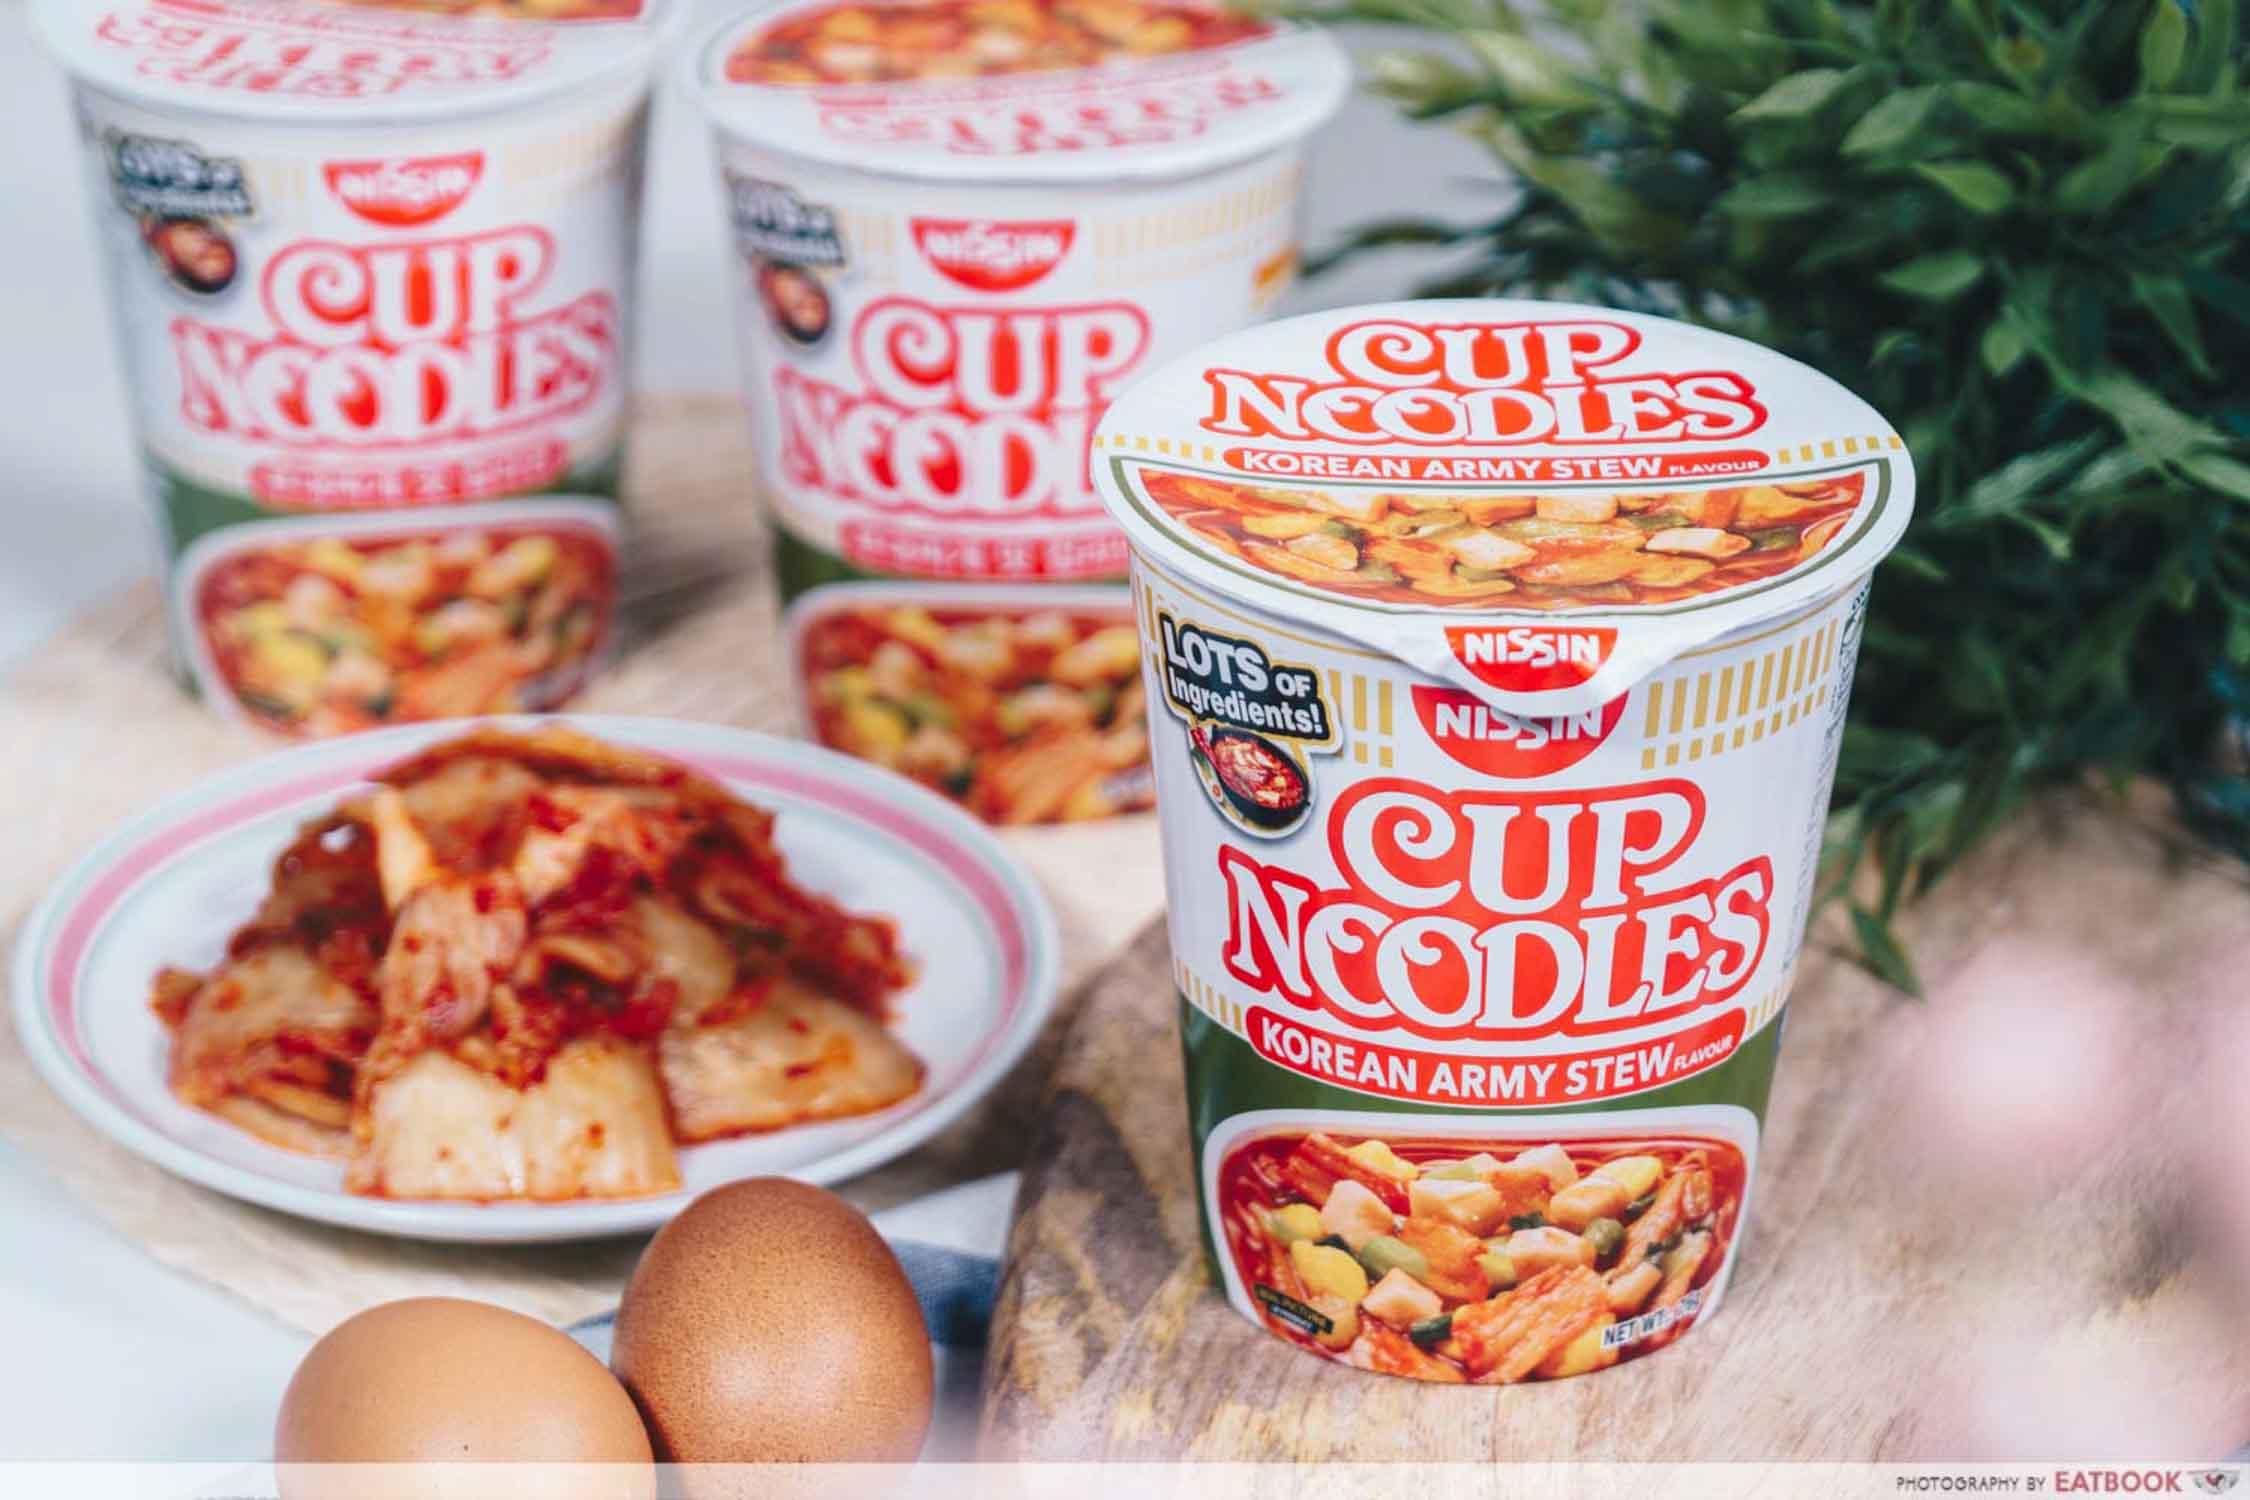 Nissin Korean Army Stew Noodles - Instant Noodles Closeup